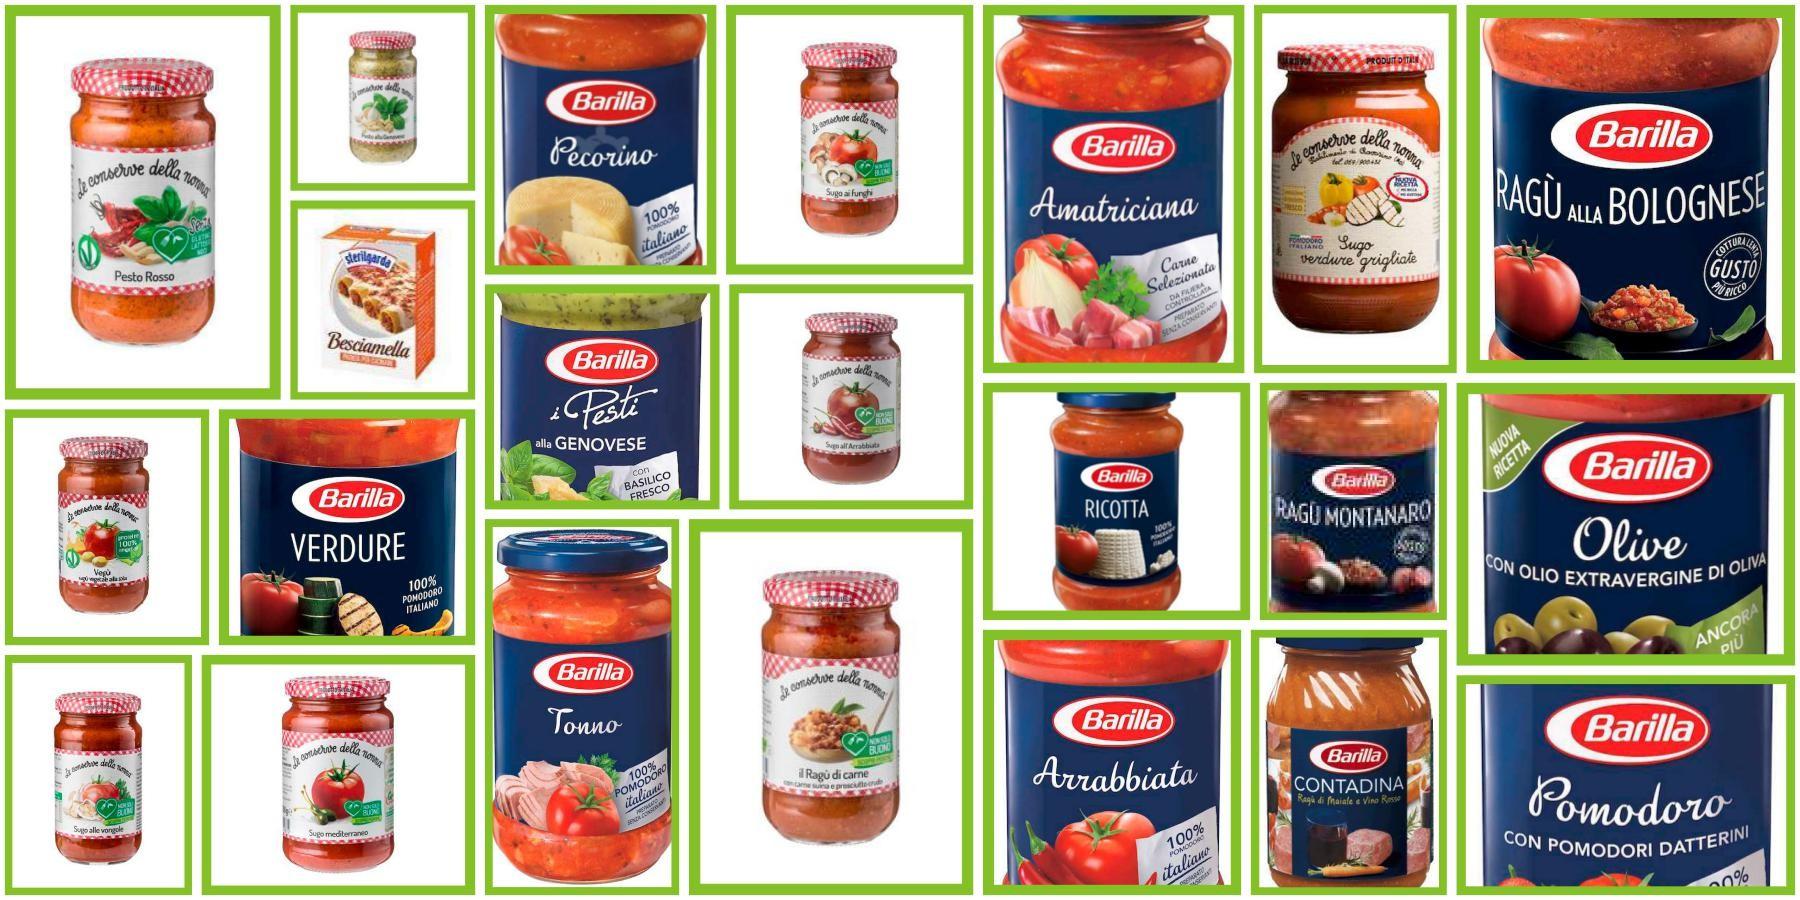 Specialty Ready Italian Pasta Sauce